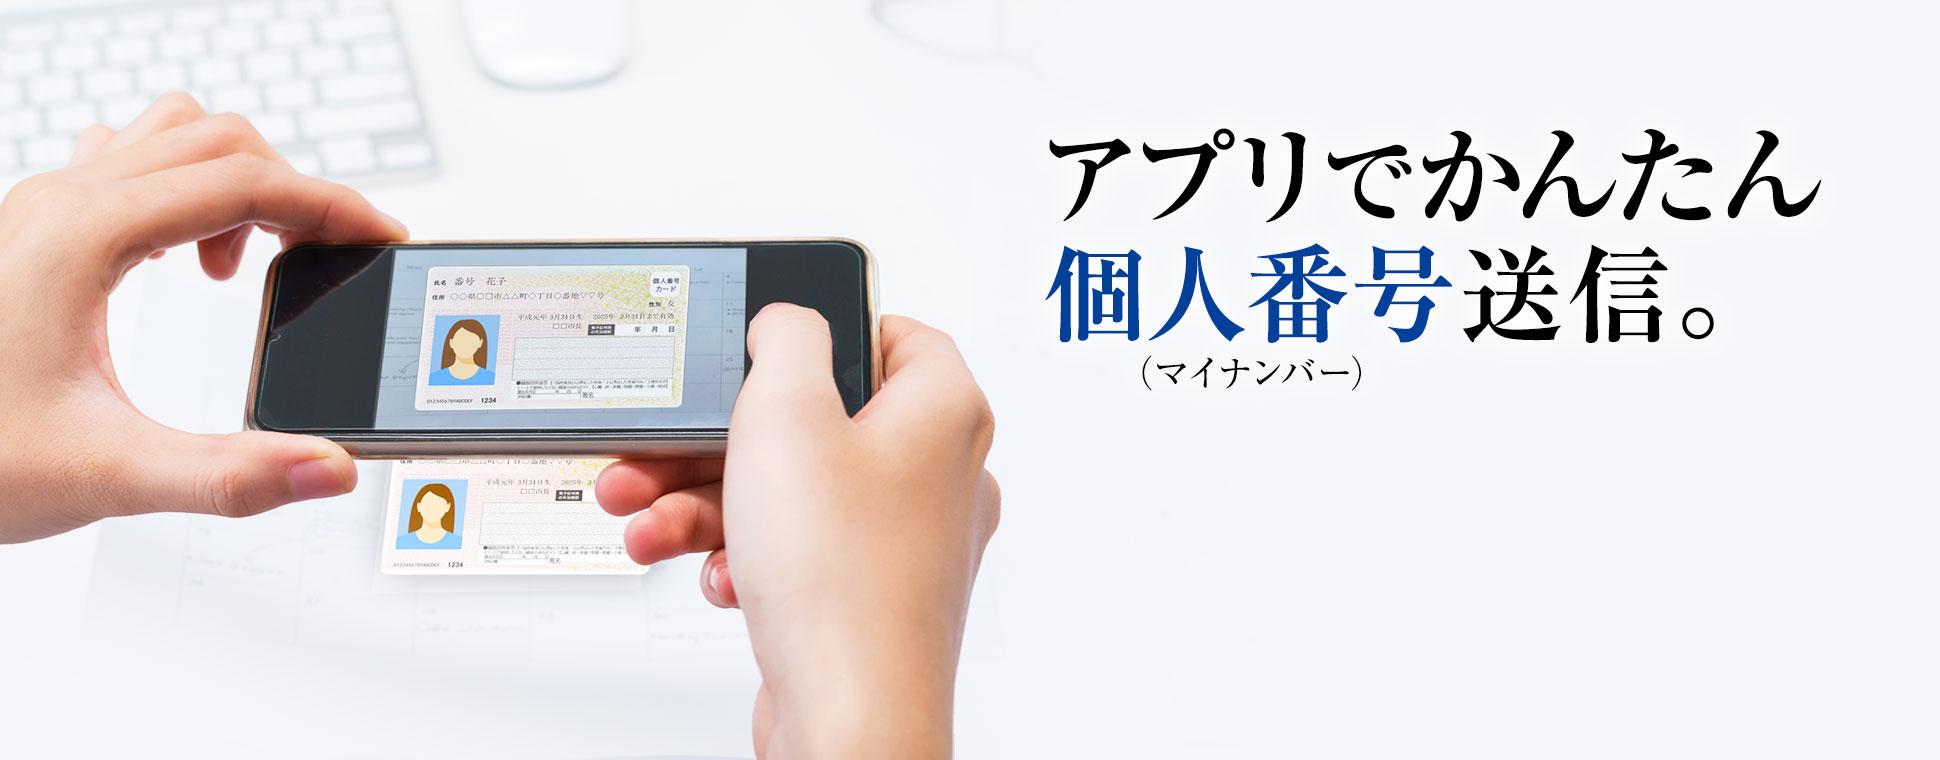 個人番号届出アプリ|ジャパンネ...